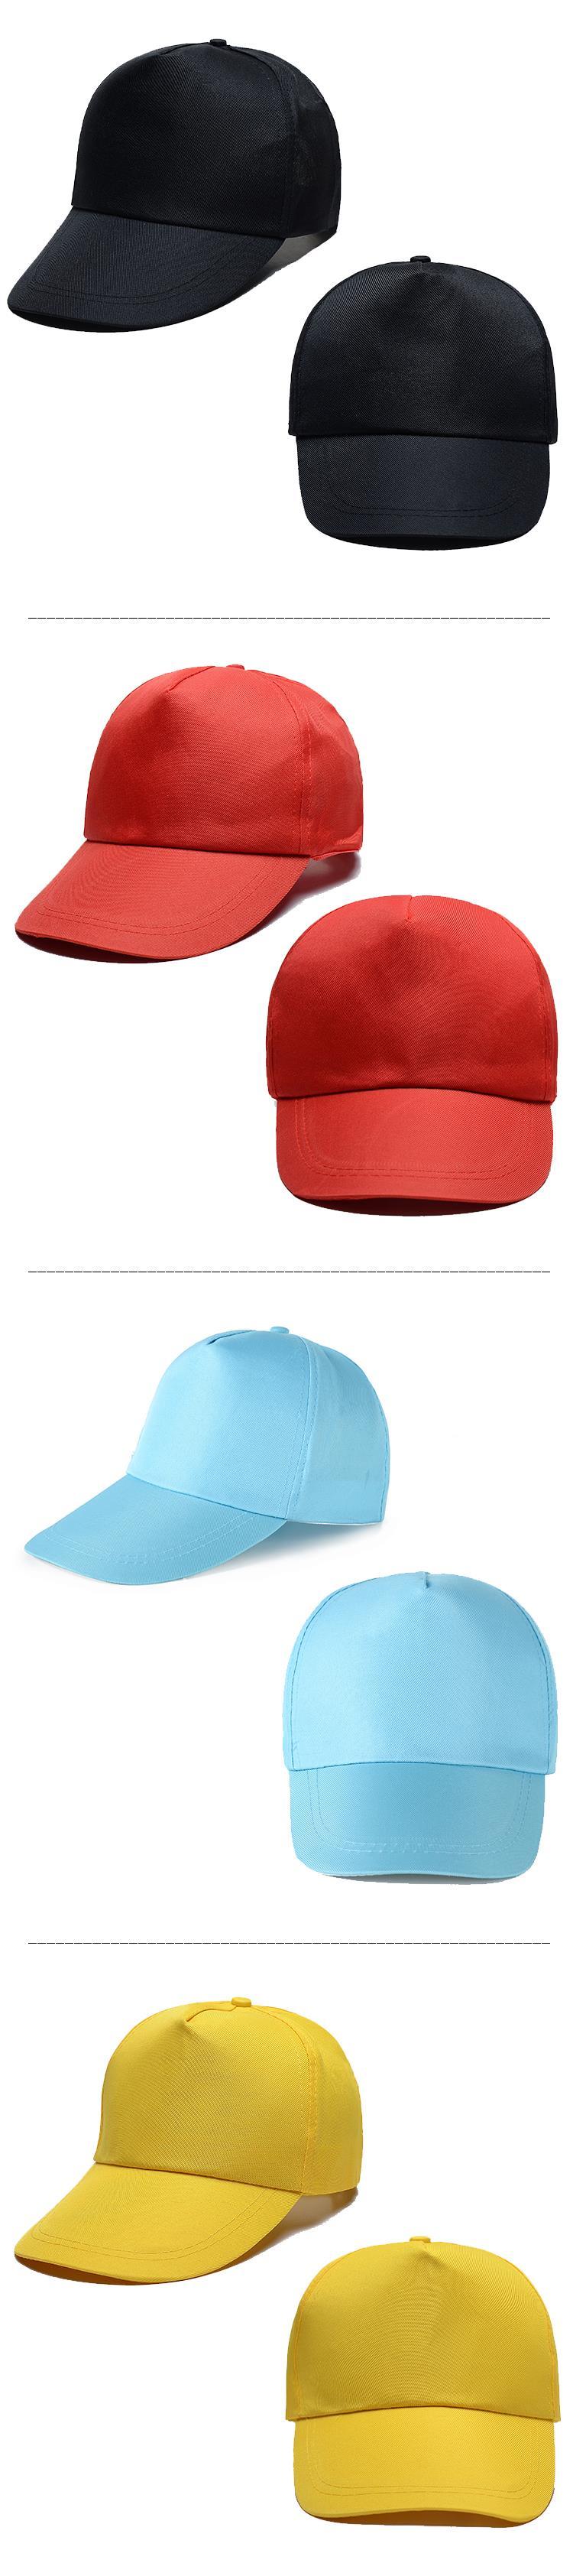 北海帽子定制